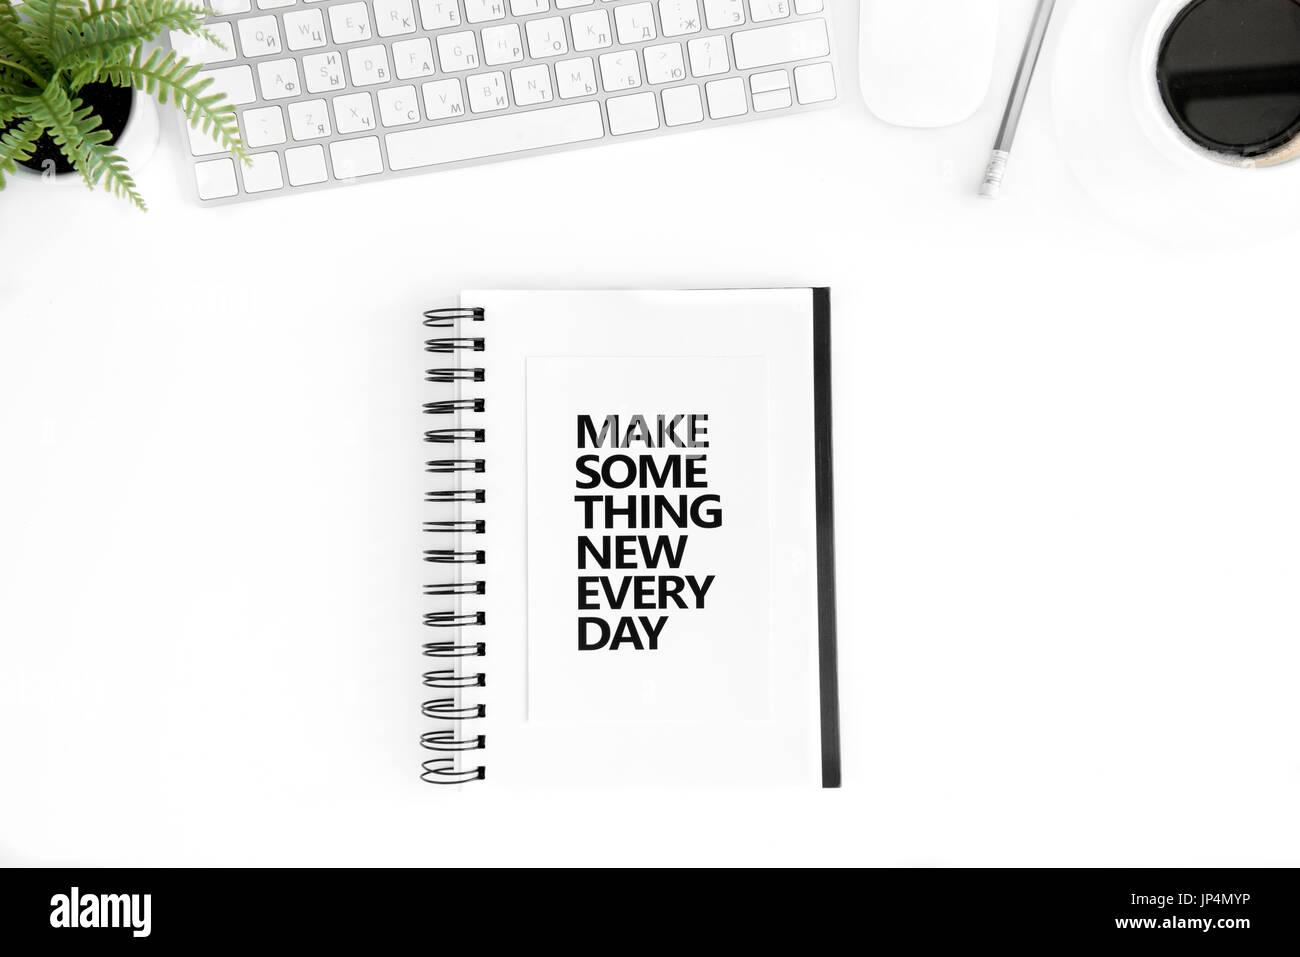 Vista superior de hacer algo nuevo cada día citas atractivas en diario, de teclado y de ratón de ordenador aislado en blanco Imagen De Stock